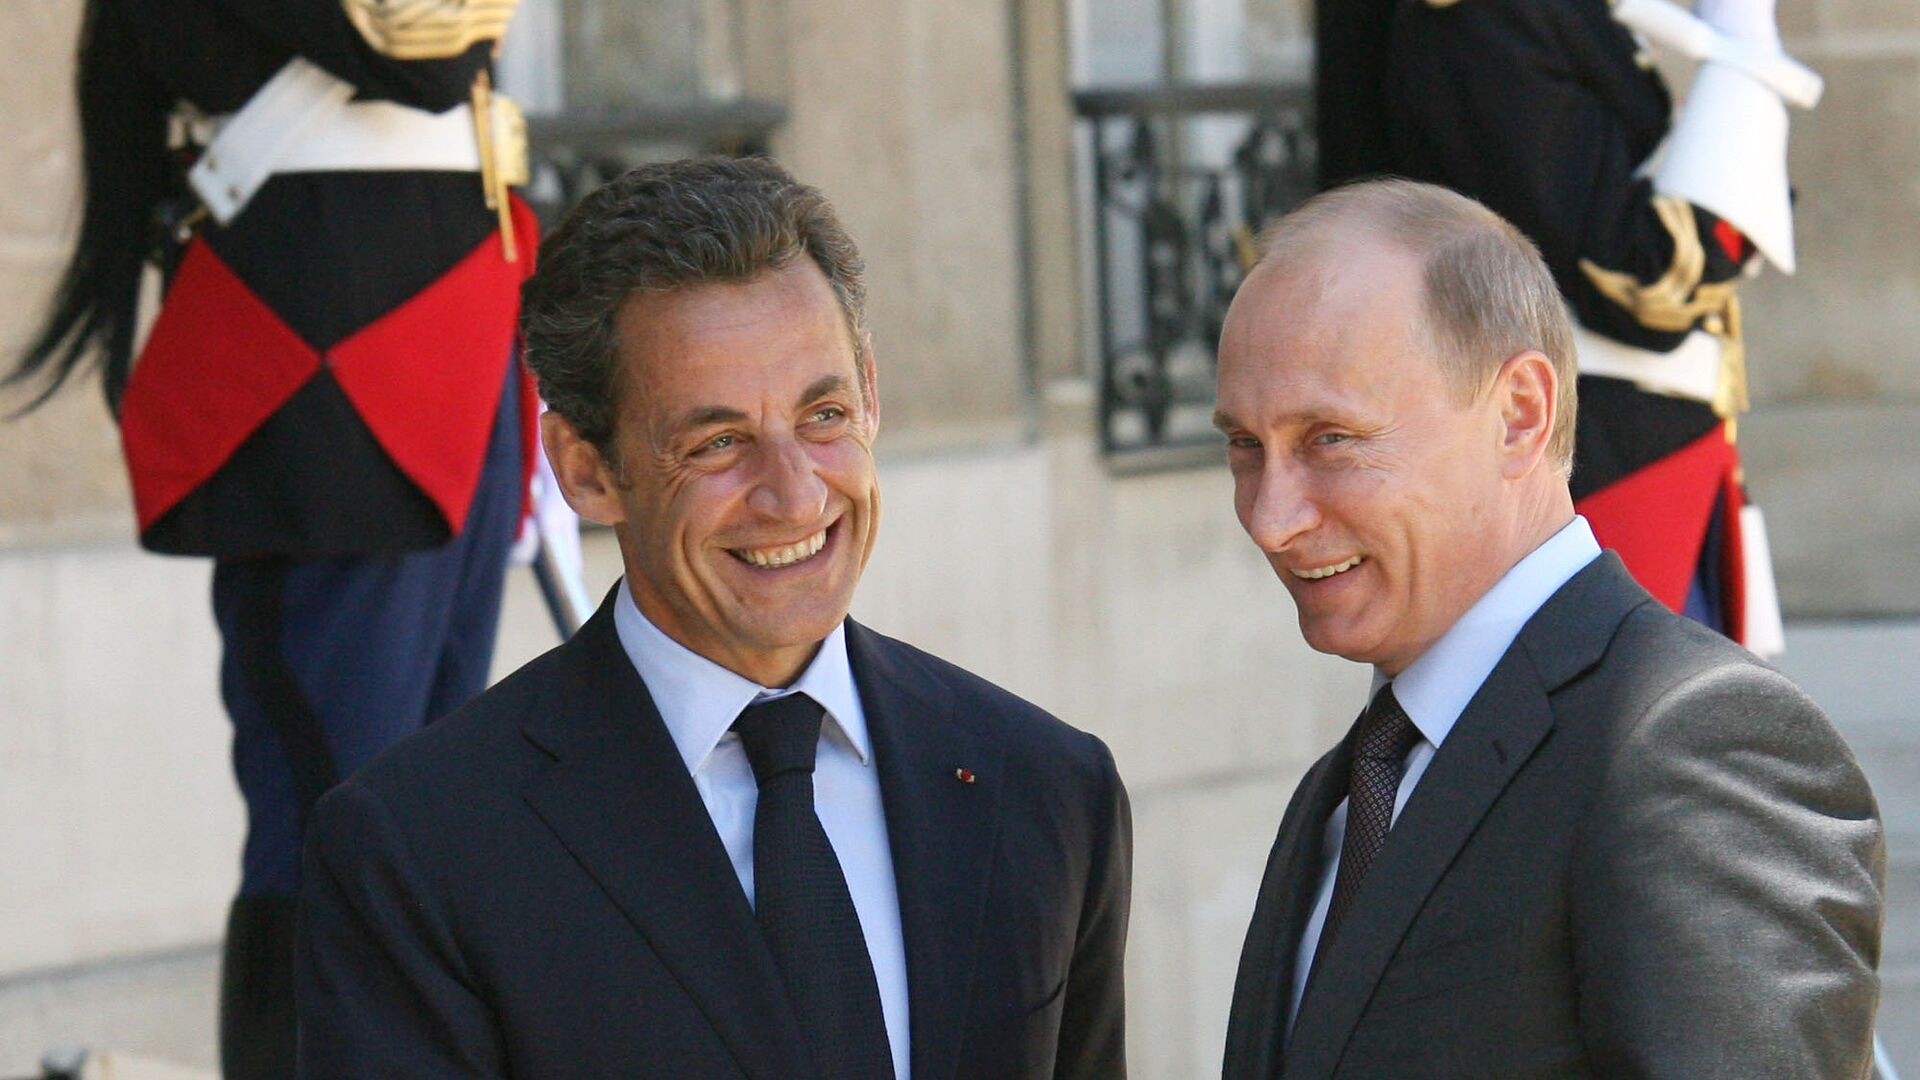 Церемония приветствия педседателя правительства РФ Владимира Путина президентом Франции Николя Саркози. - РИА Новости, 1920, 24.07.2020